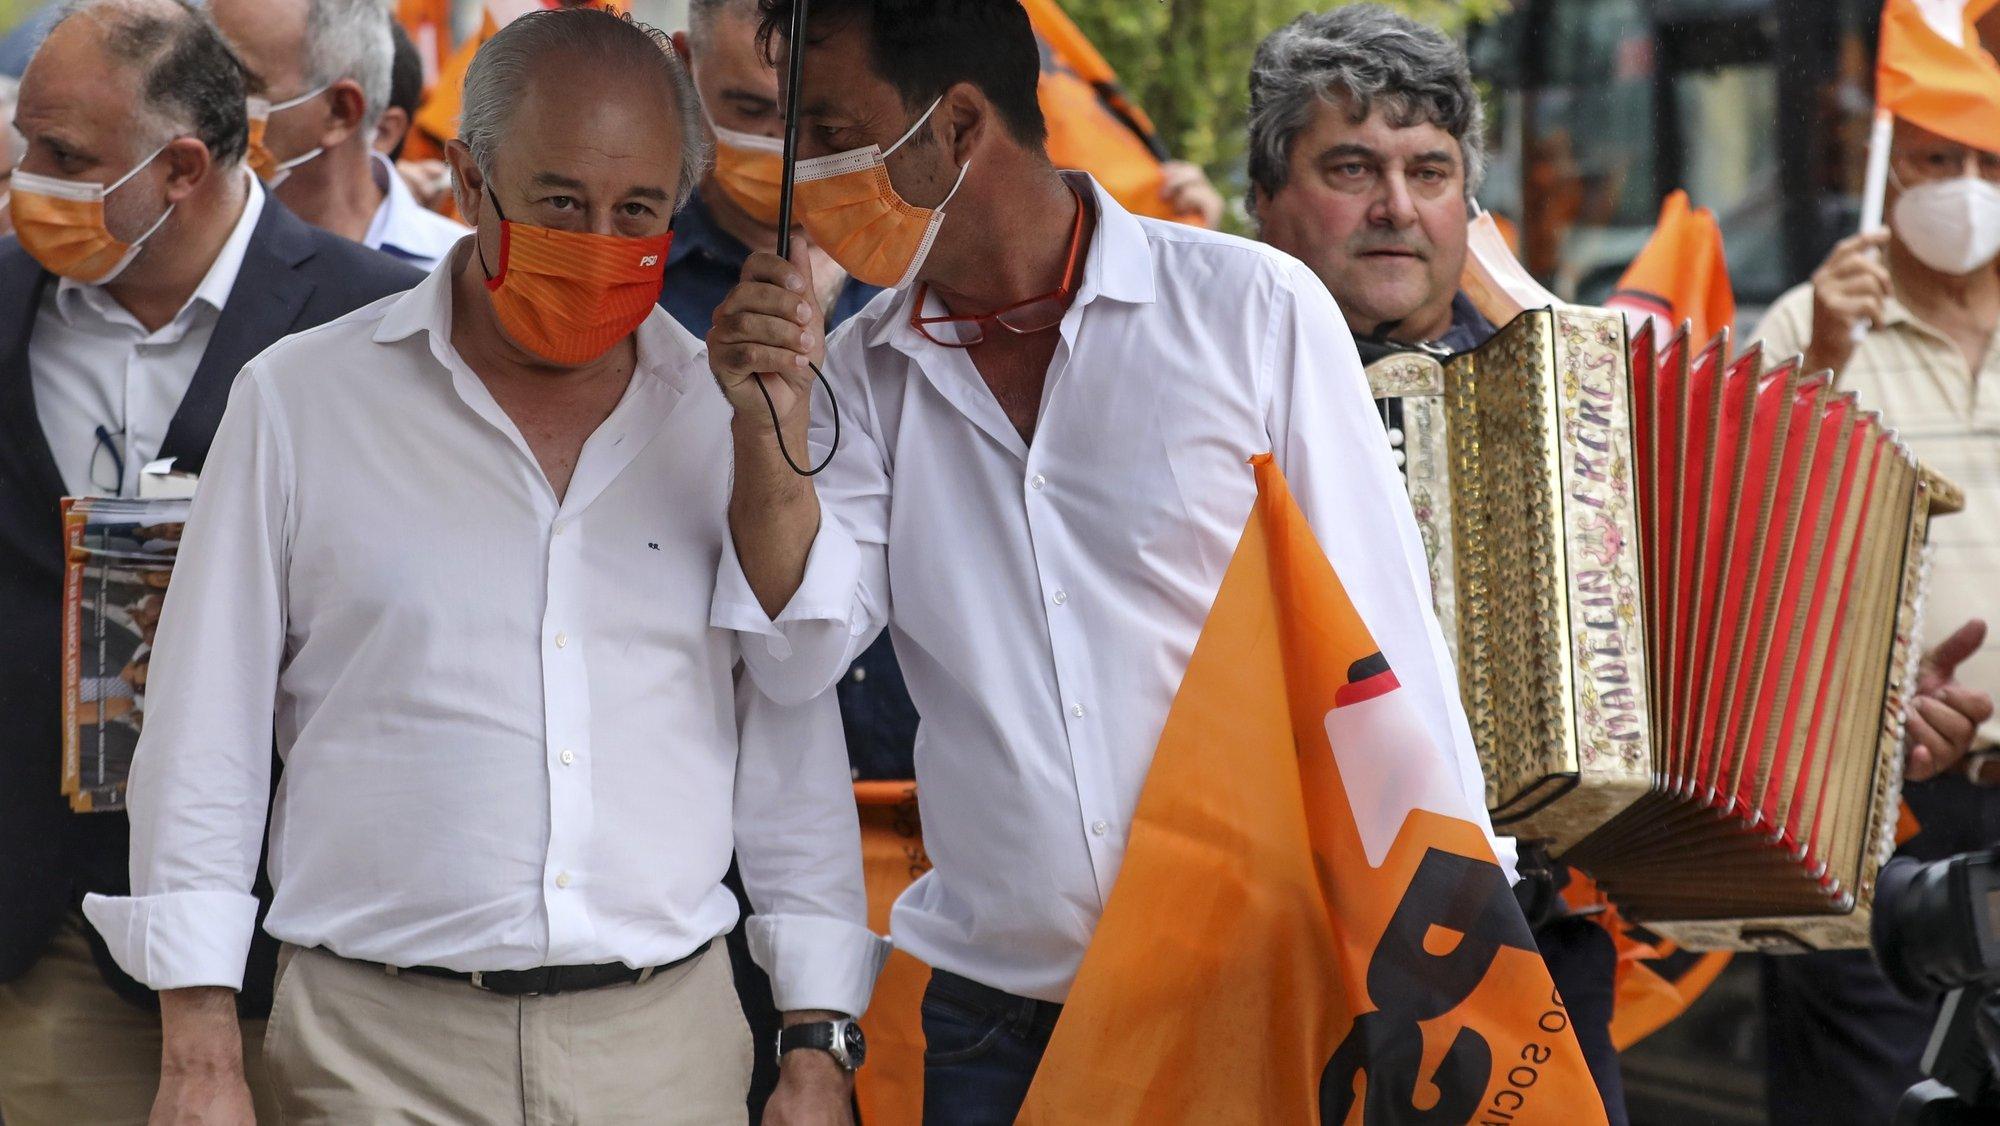 O presidente do Partido Social Democrata (PSD), Rui Rio (E), conversa com um apoiante durante uma ação de campanha em Leiria, 17 de setembro de 2021. No próximo dia 26 de setembro mais de 9,3 milhões eleitores podem votar nas eleições Autárquicas, para eleger os seus representantes locais. JOSÉ COELHO/LUSA